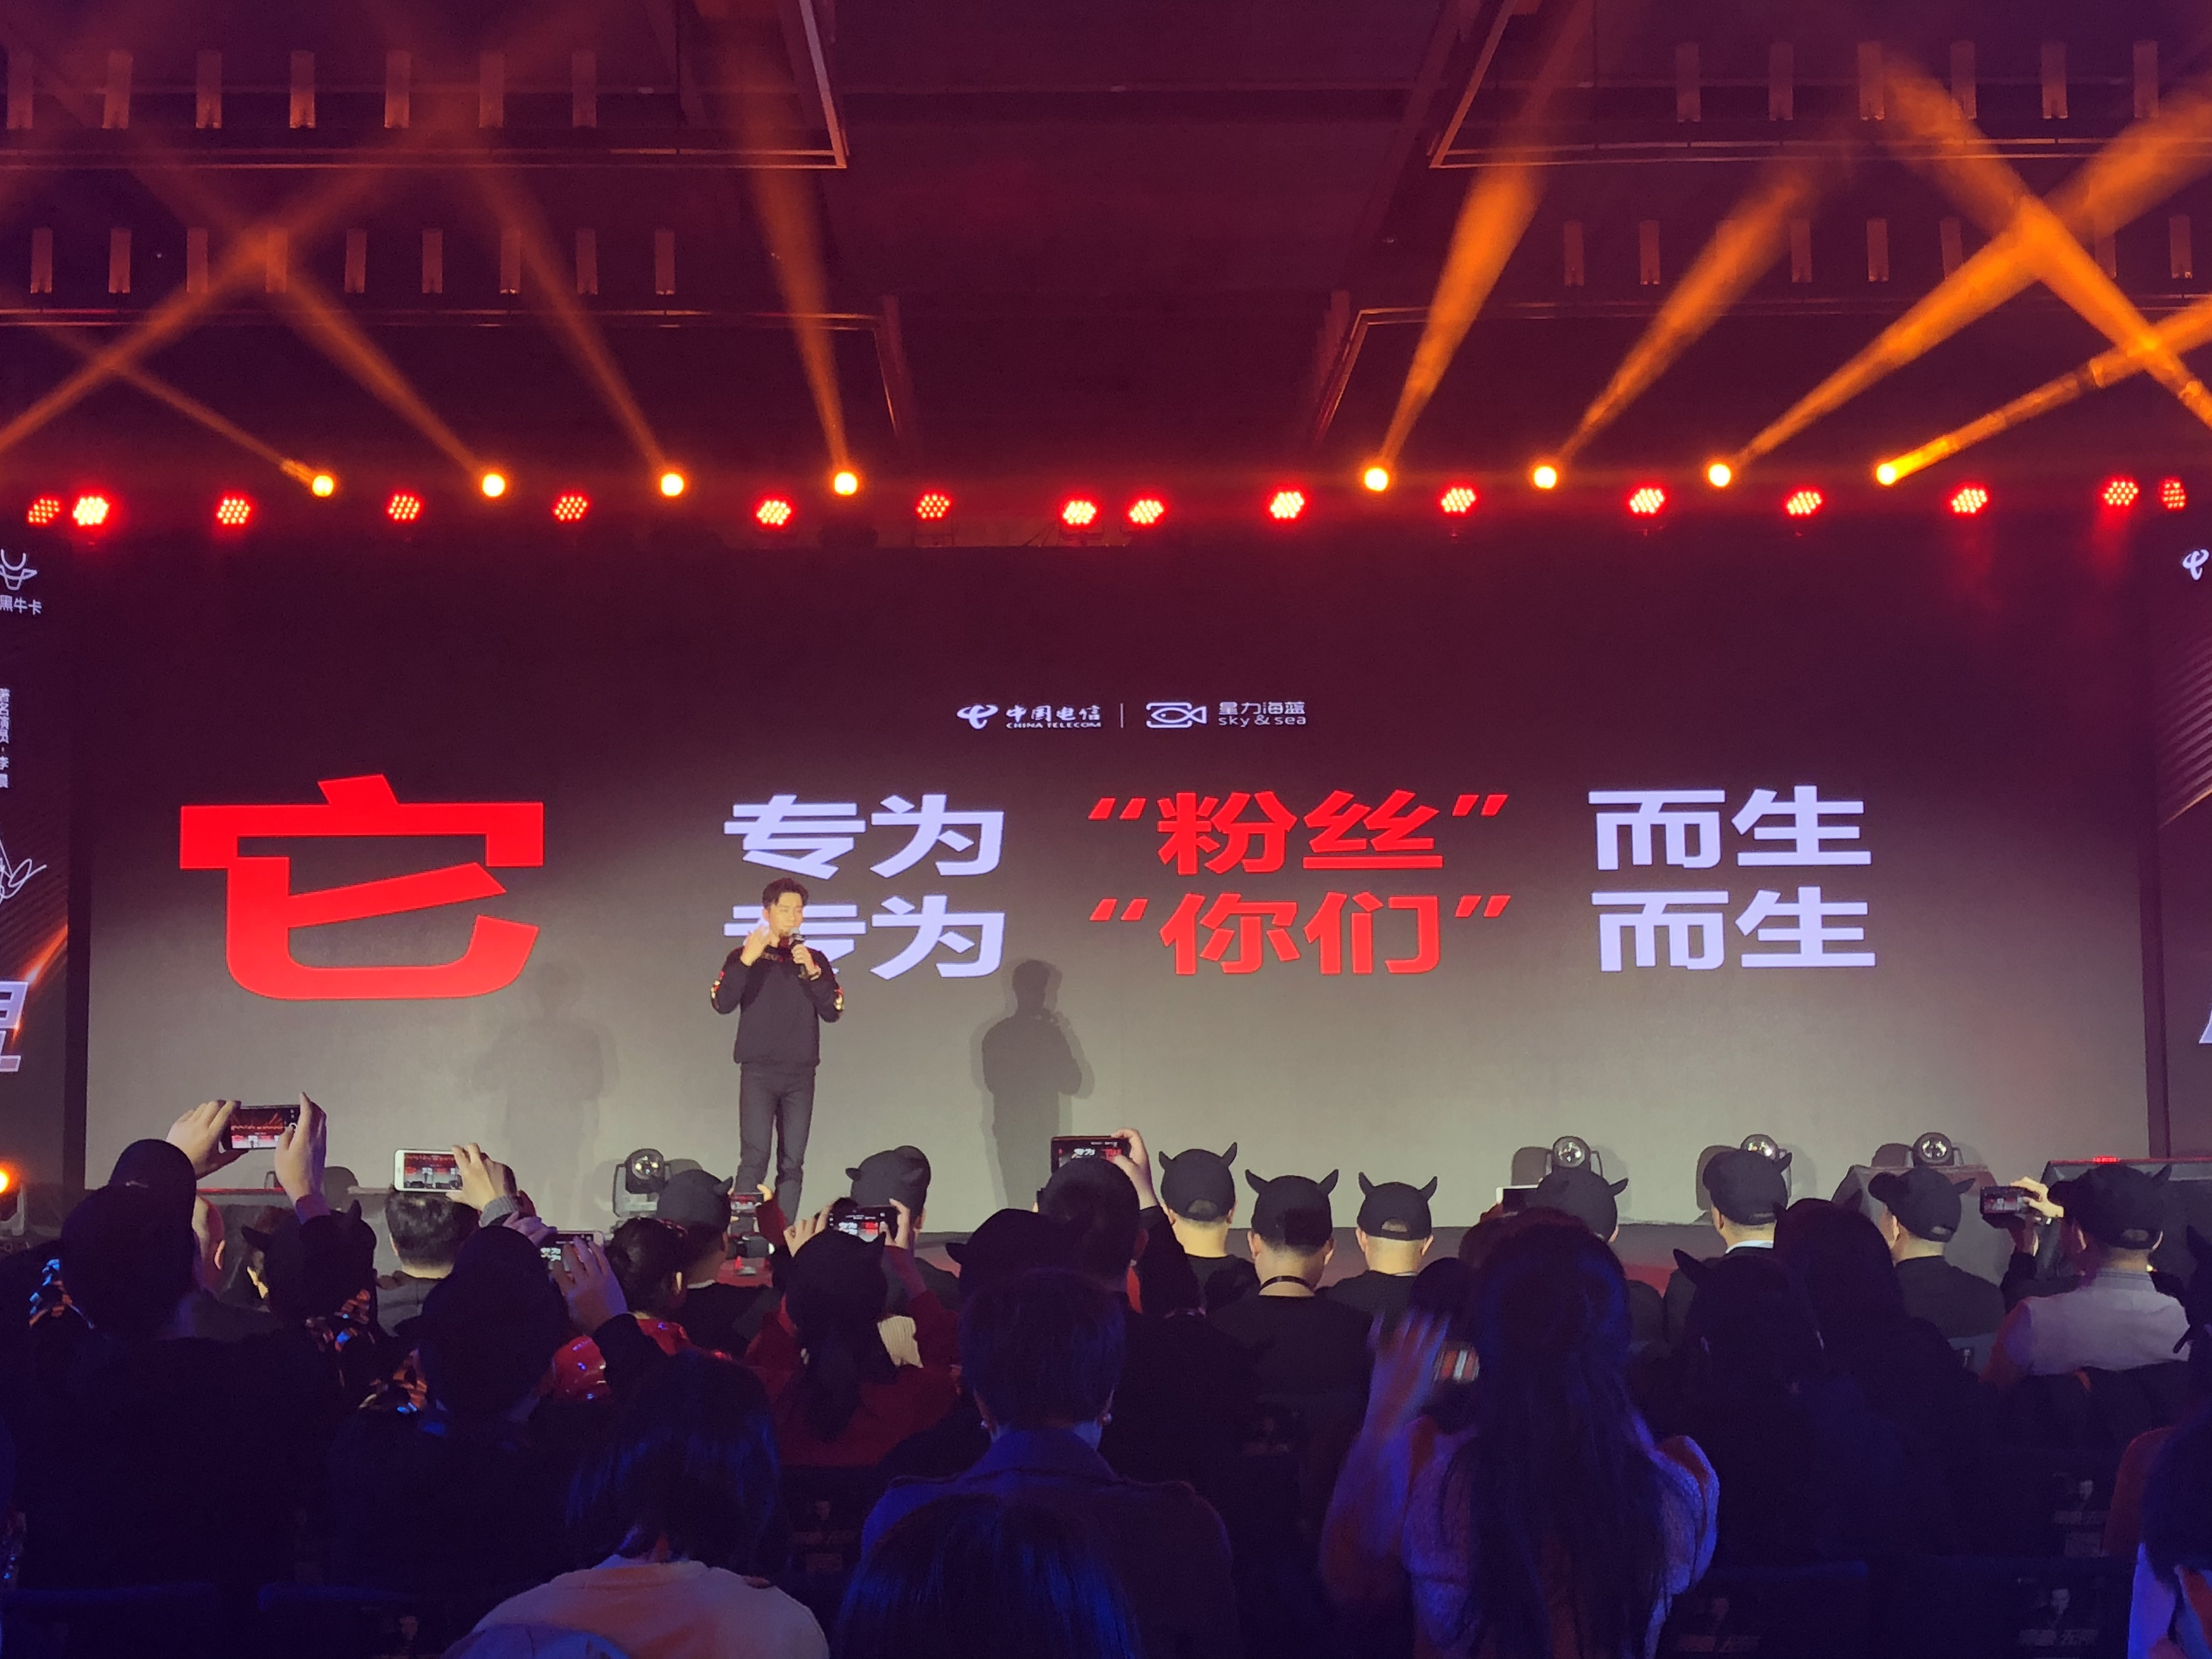 中国电信敢为行业先 开创娱乐营销新模式!